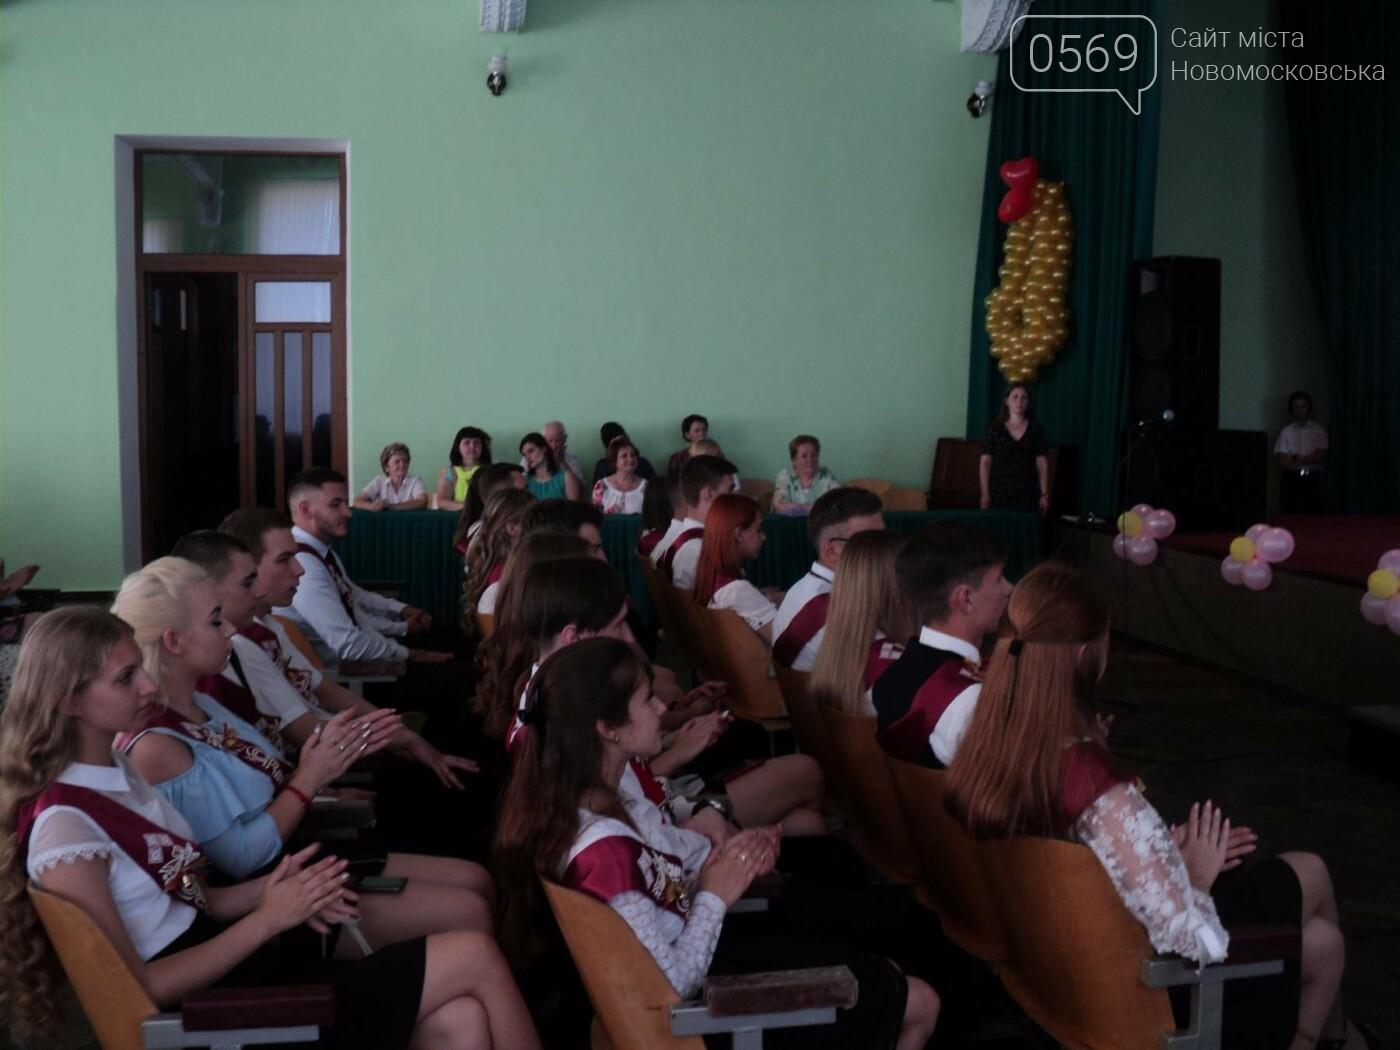 Випускники Новомосковська отримали перші атестати, фото-3